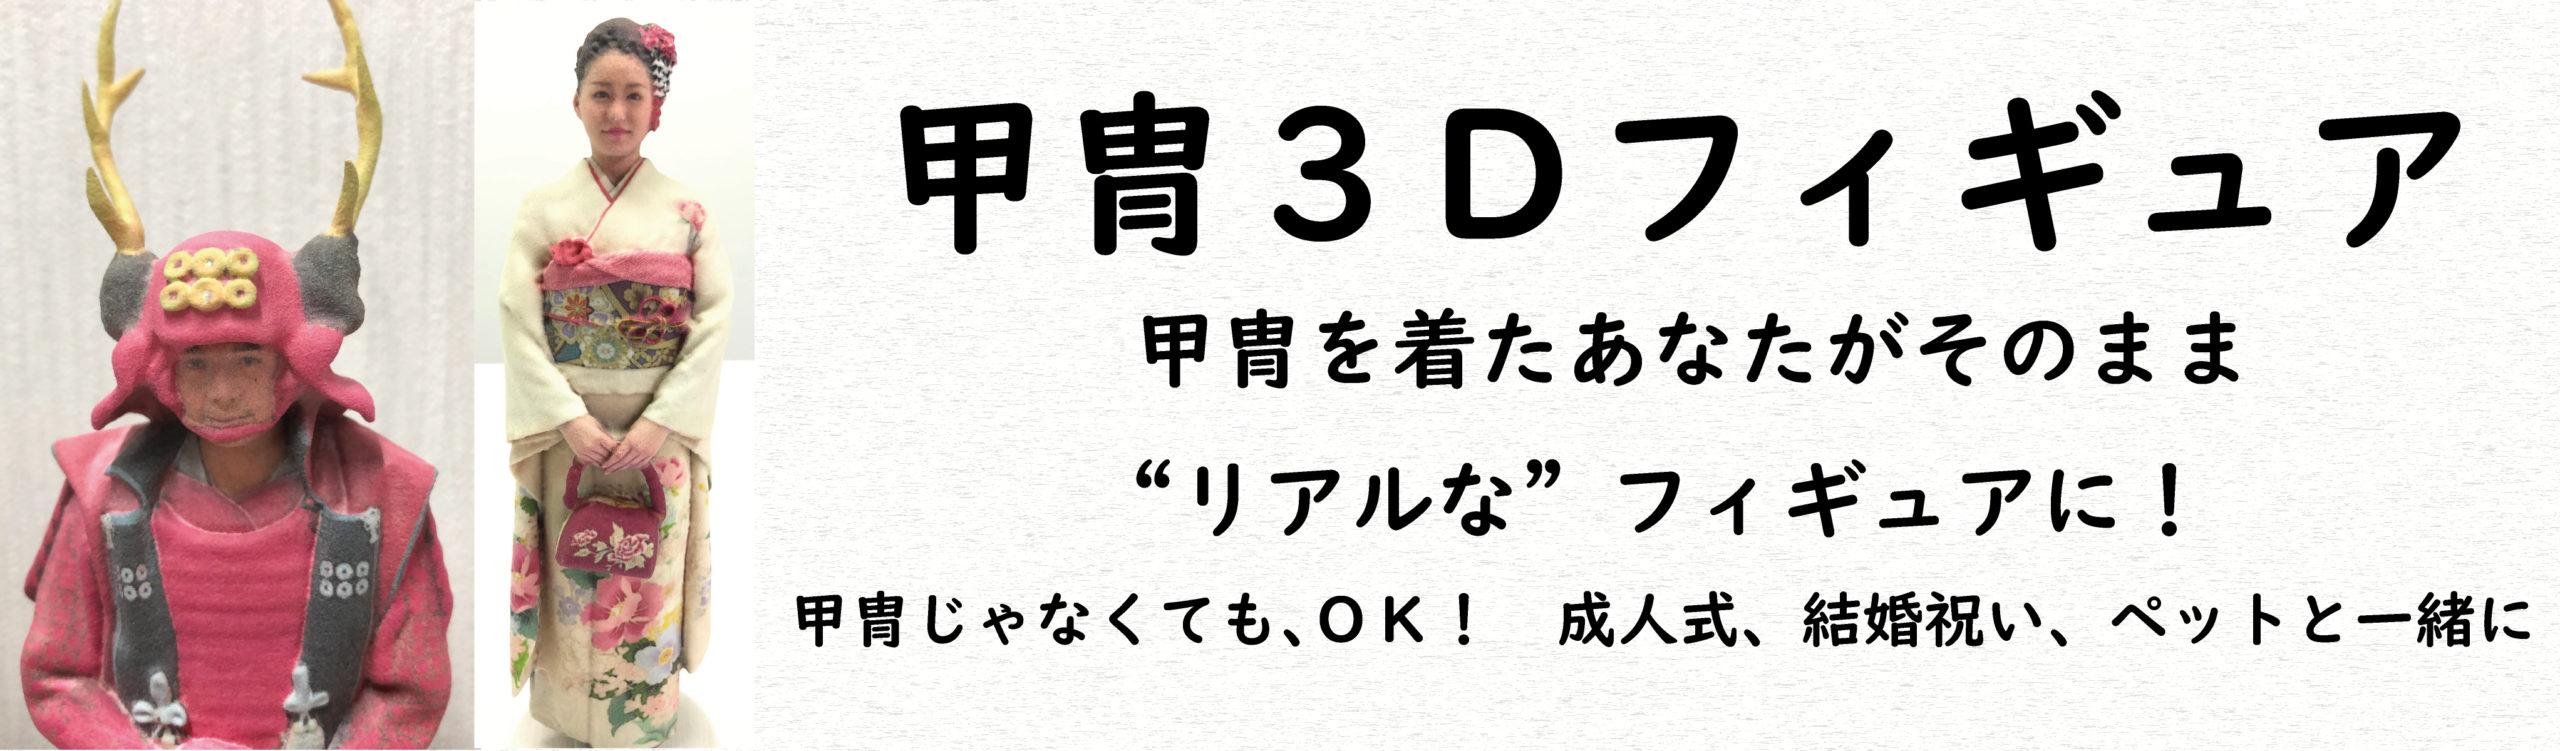 甲冑3Dフィギュアを創ろう!